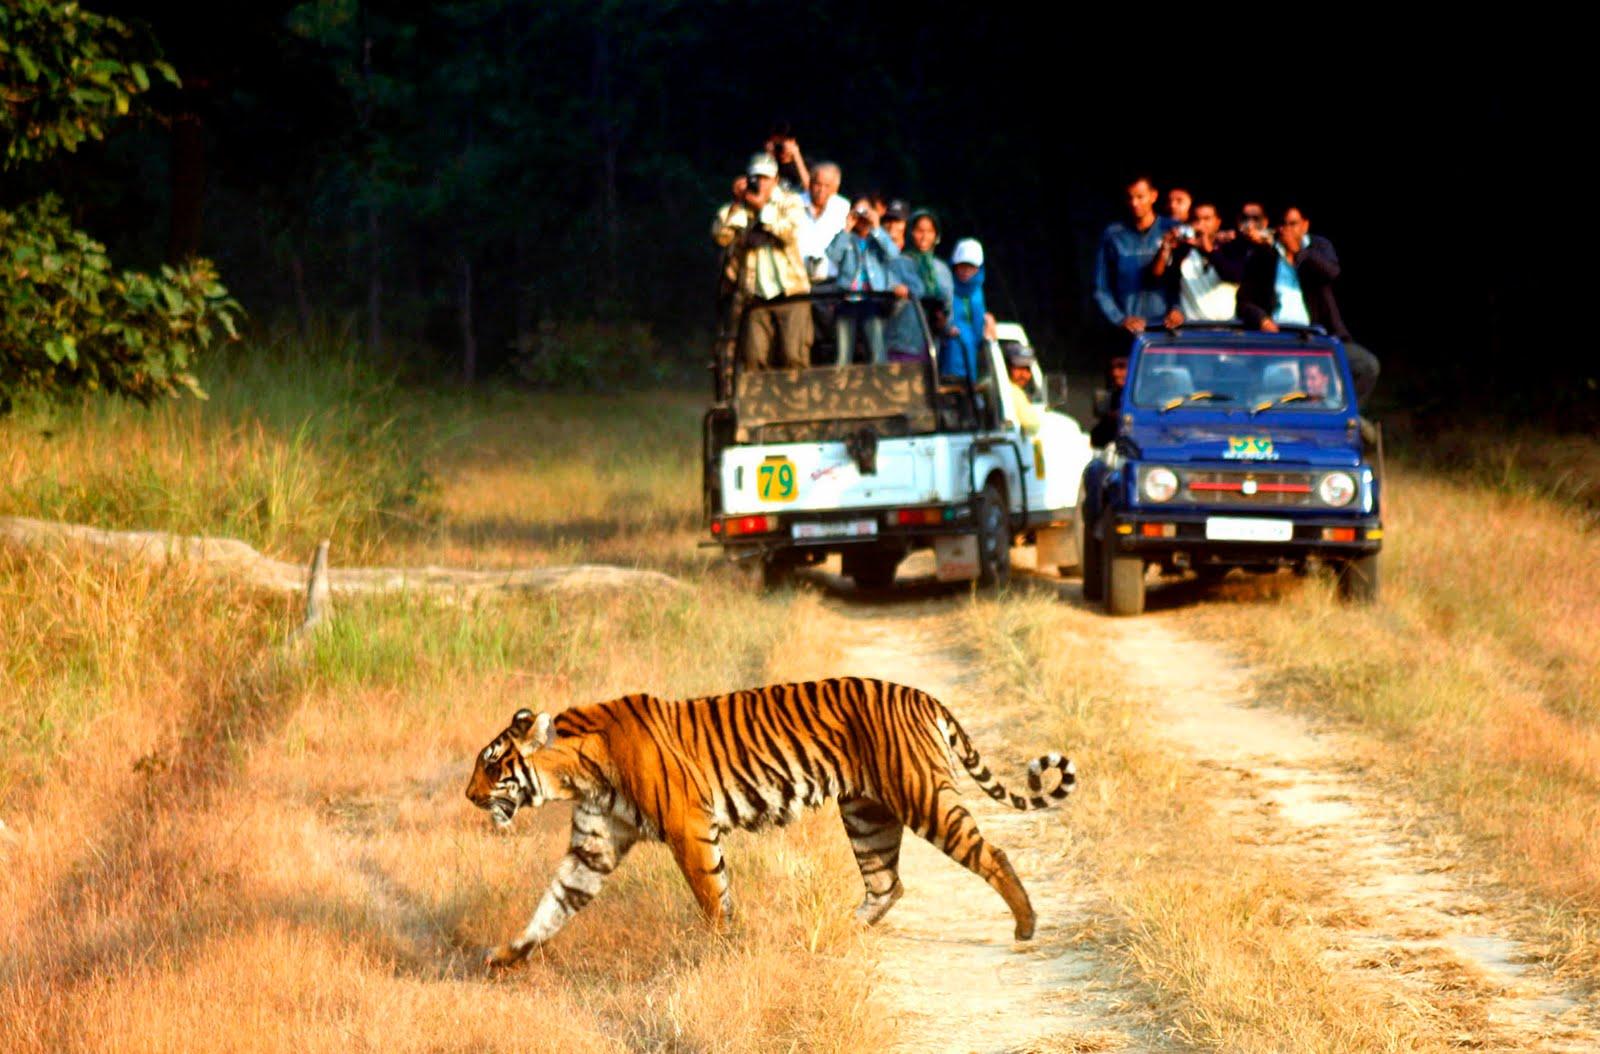 Jim_Corbett_National_Park_Wildlife_Tour_1.jpg